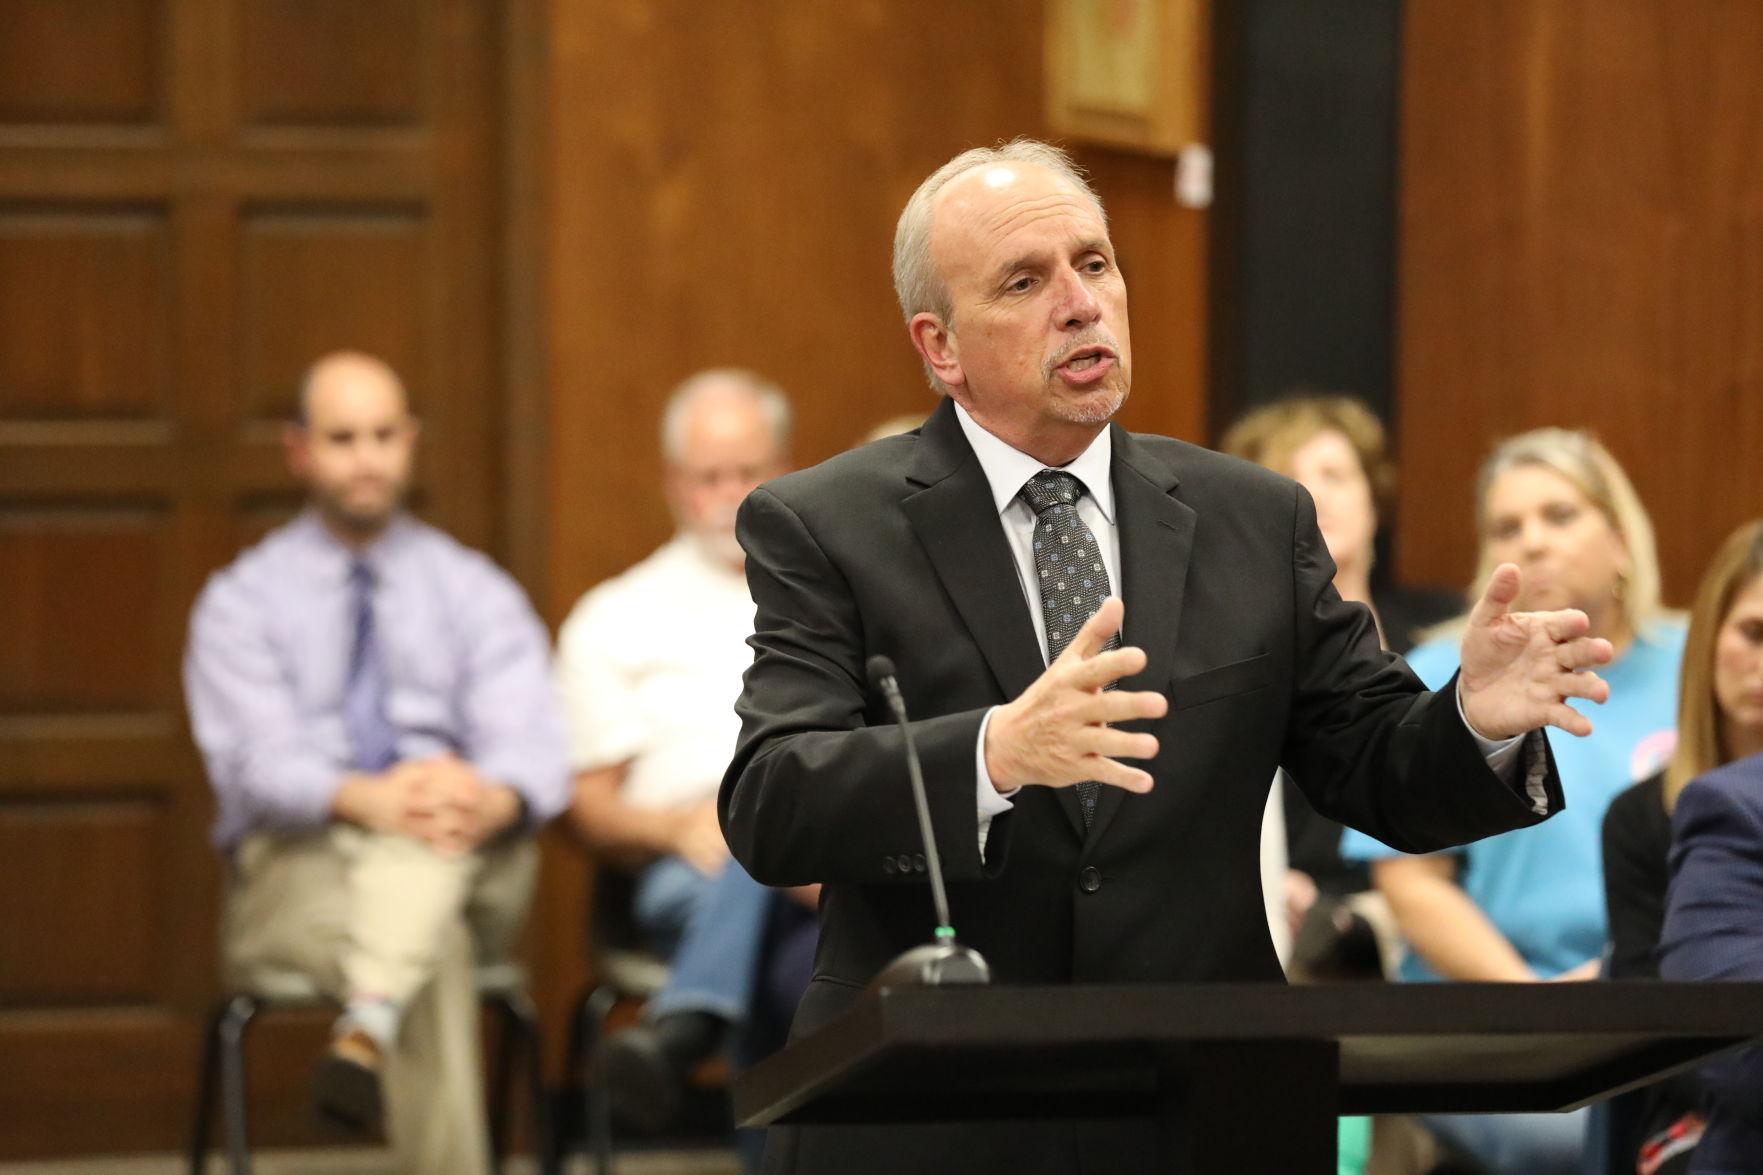 Superintendent Joe Murphy